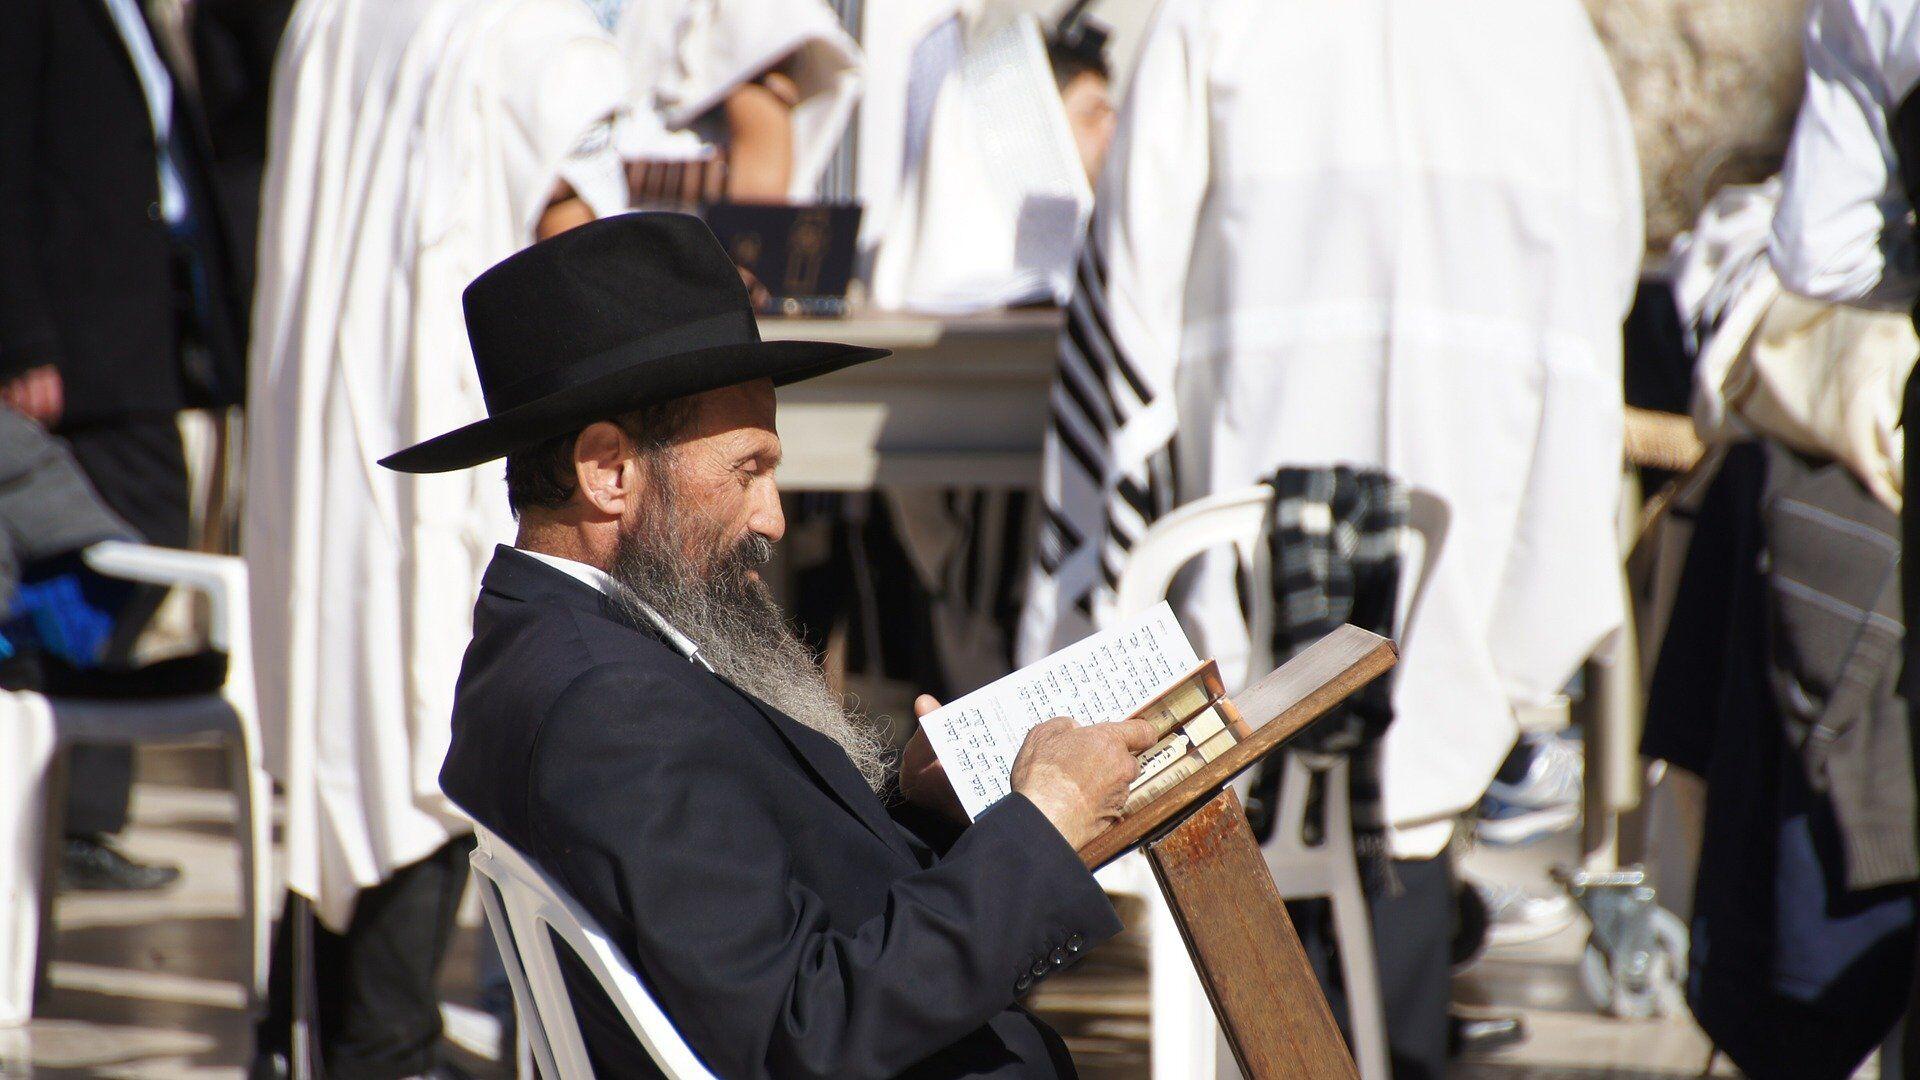 Żyd czytający książkę - Sputnik Polska, 1920, 28.06.2021